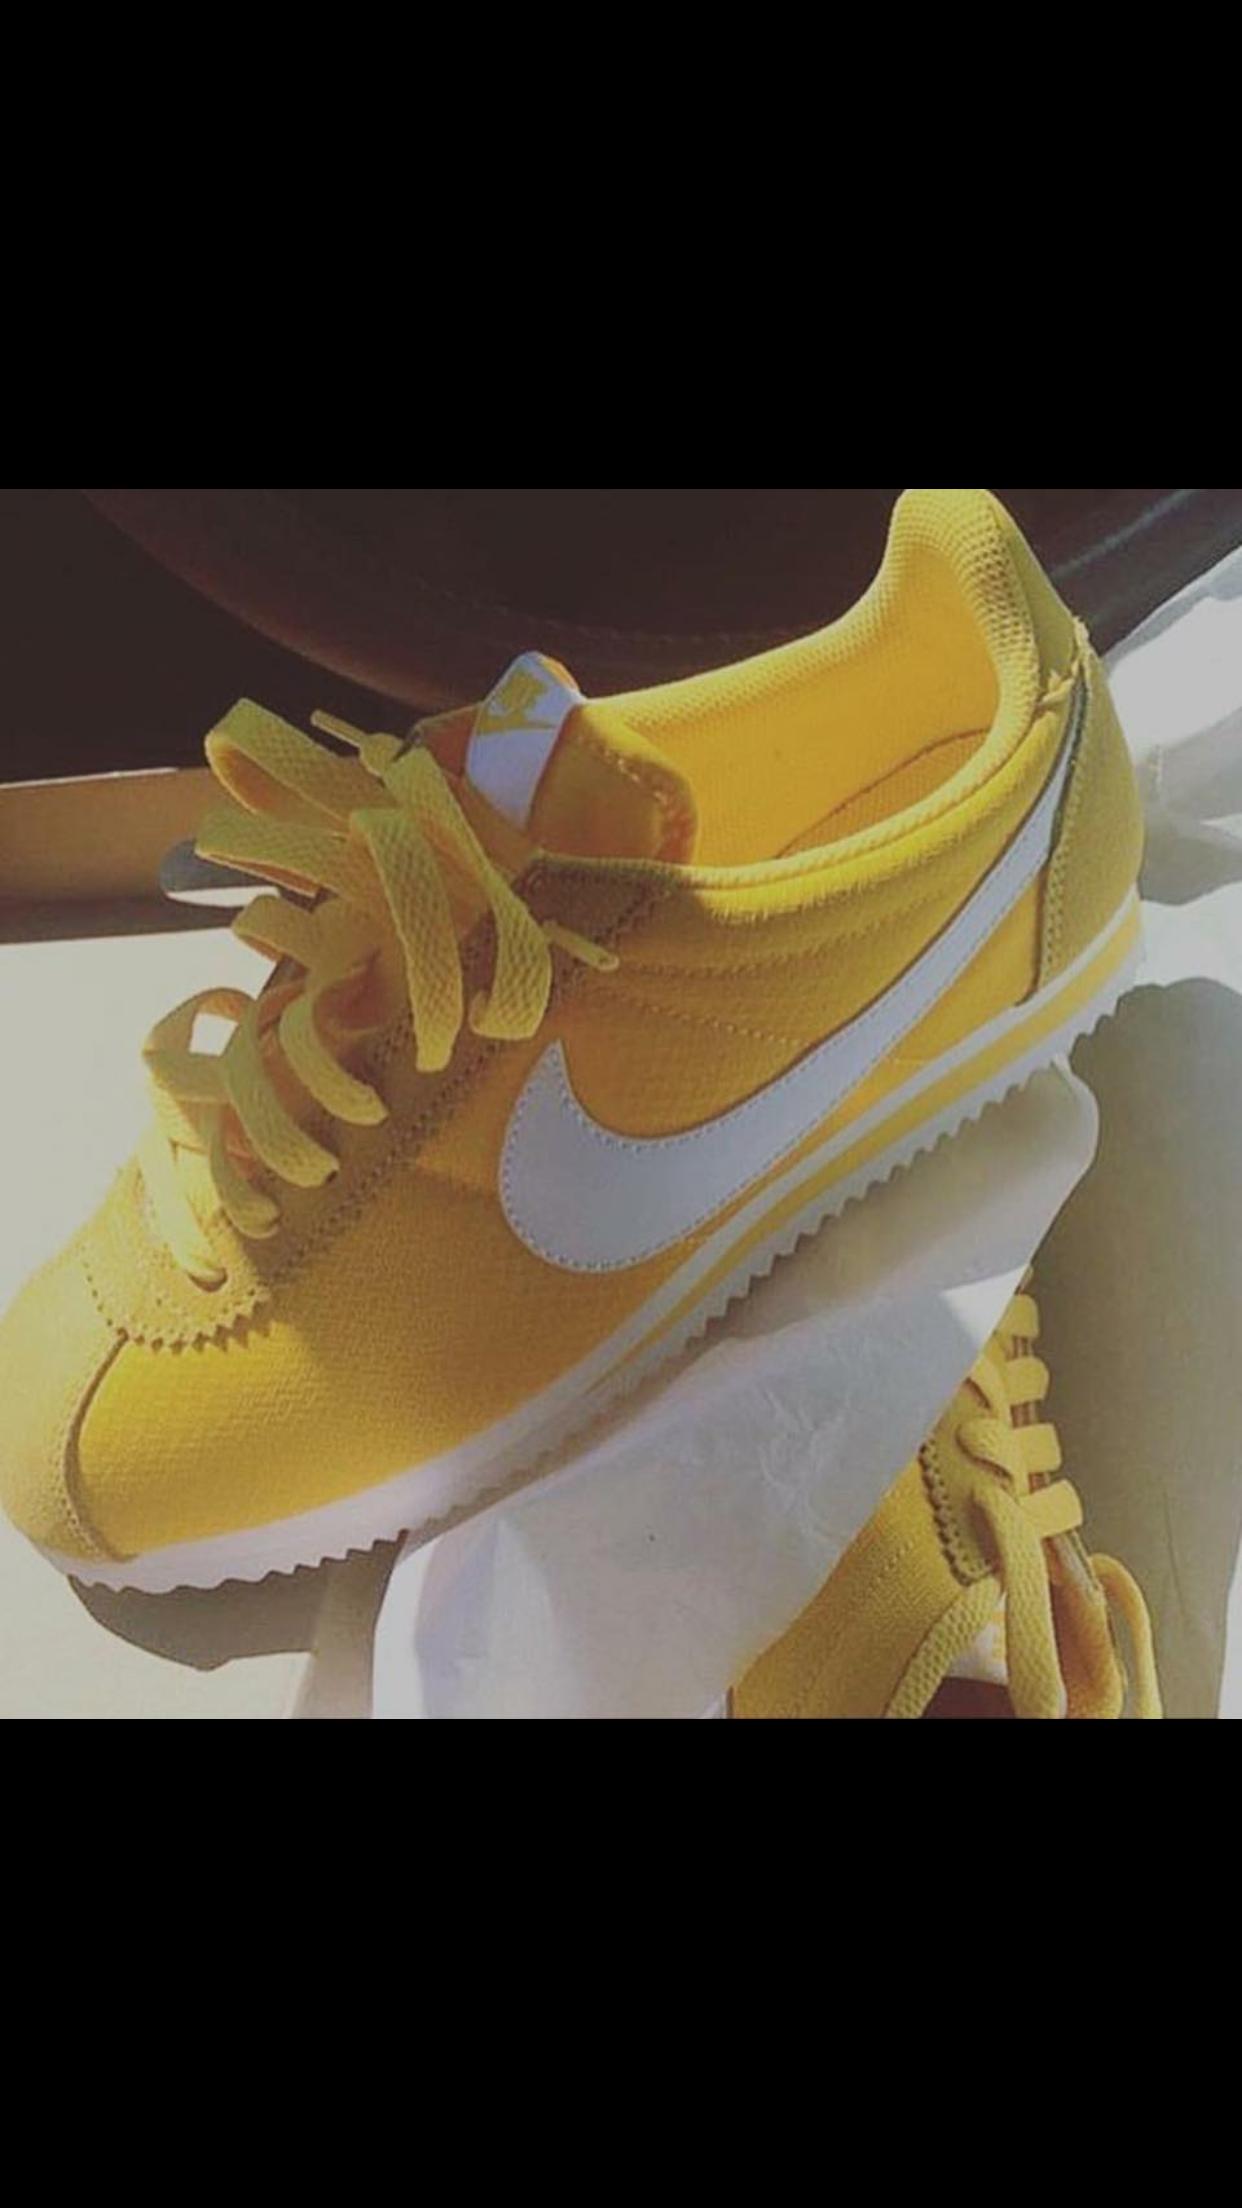 8570cfe4 I love that color Nike Amarillas, Comprar Zapatos, Zapatos Swag, Zapatillas  Hombre,